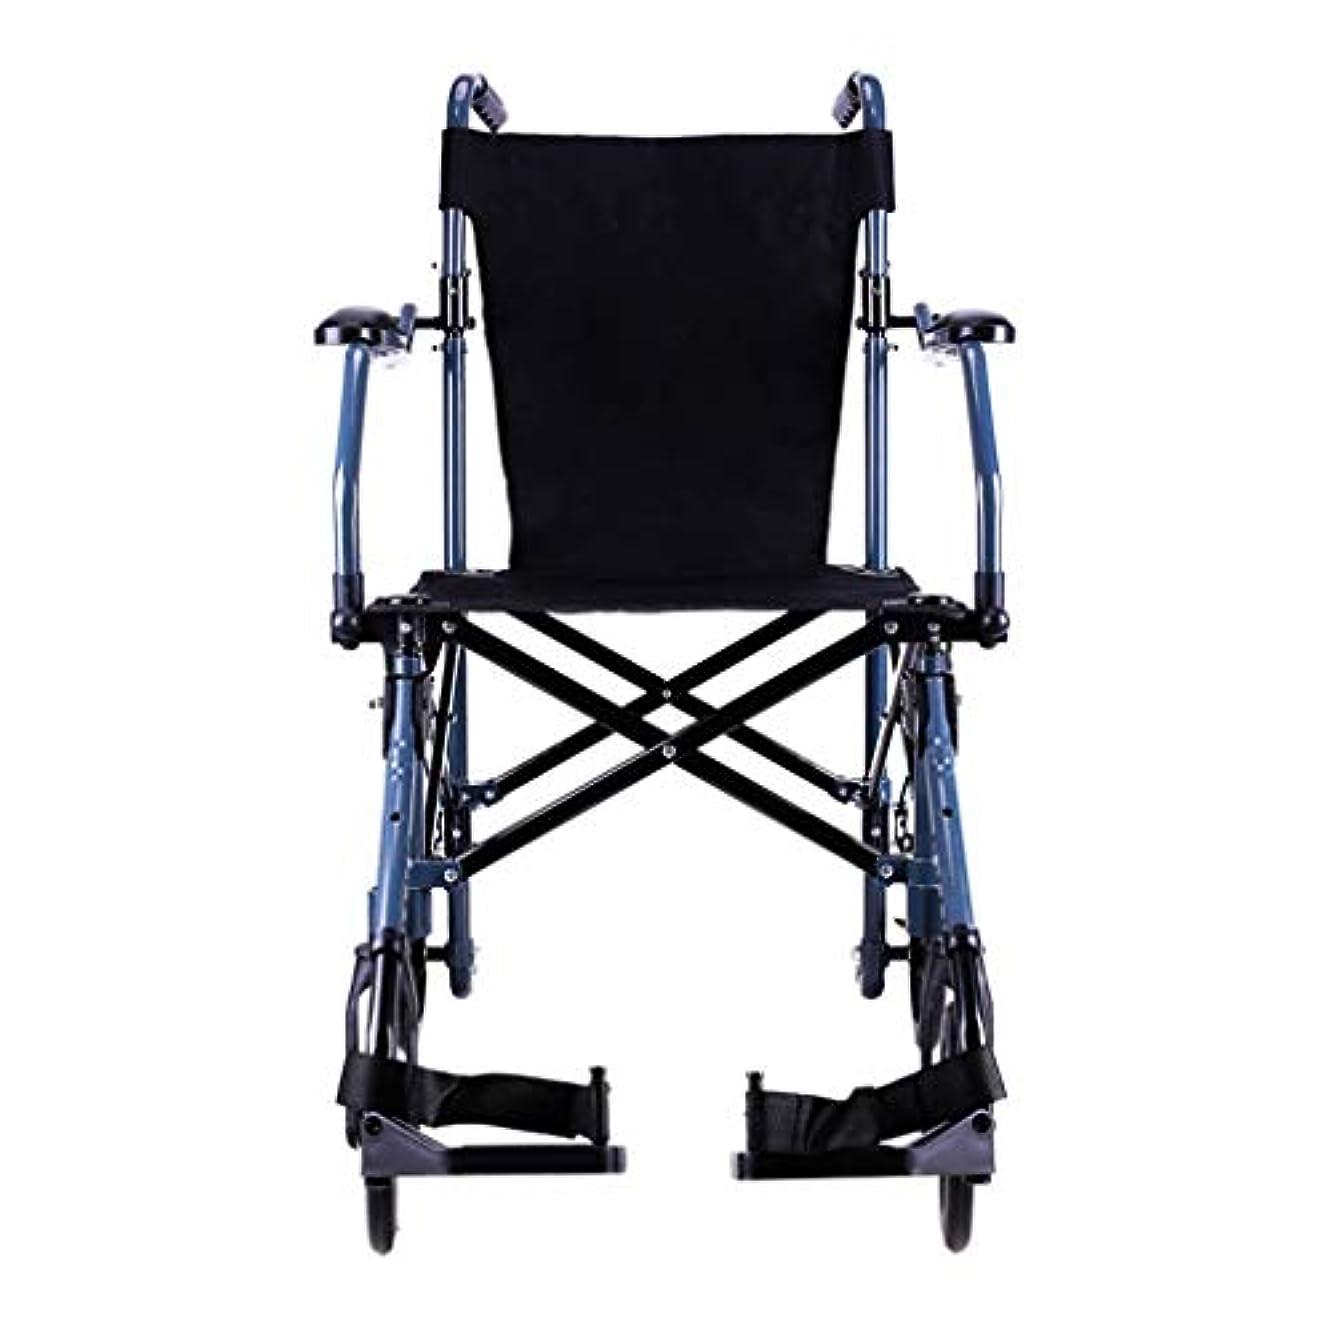 自己潤滑するヒップ車椅子折りたたみポータブル旅行、高齢者、身体障害者用屋外旅行車椅子、スーツケース、飛行機などに設置可能